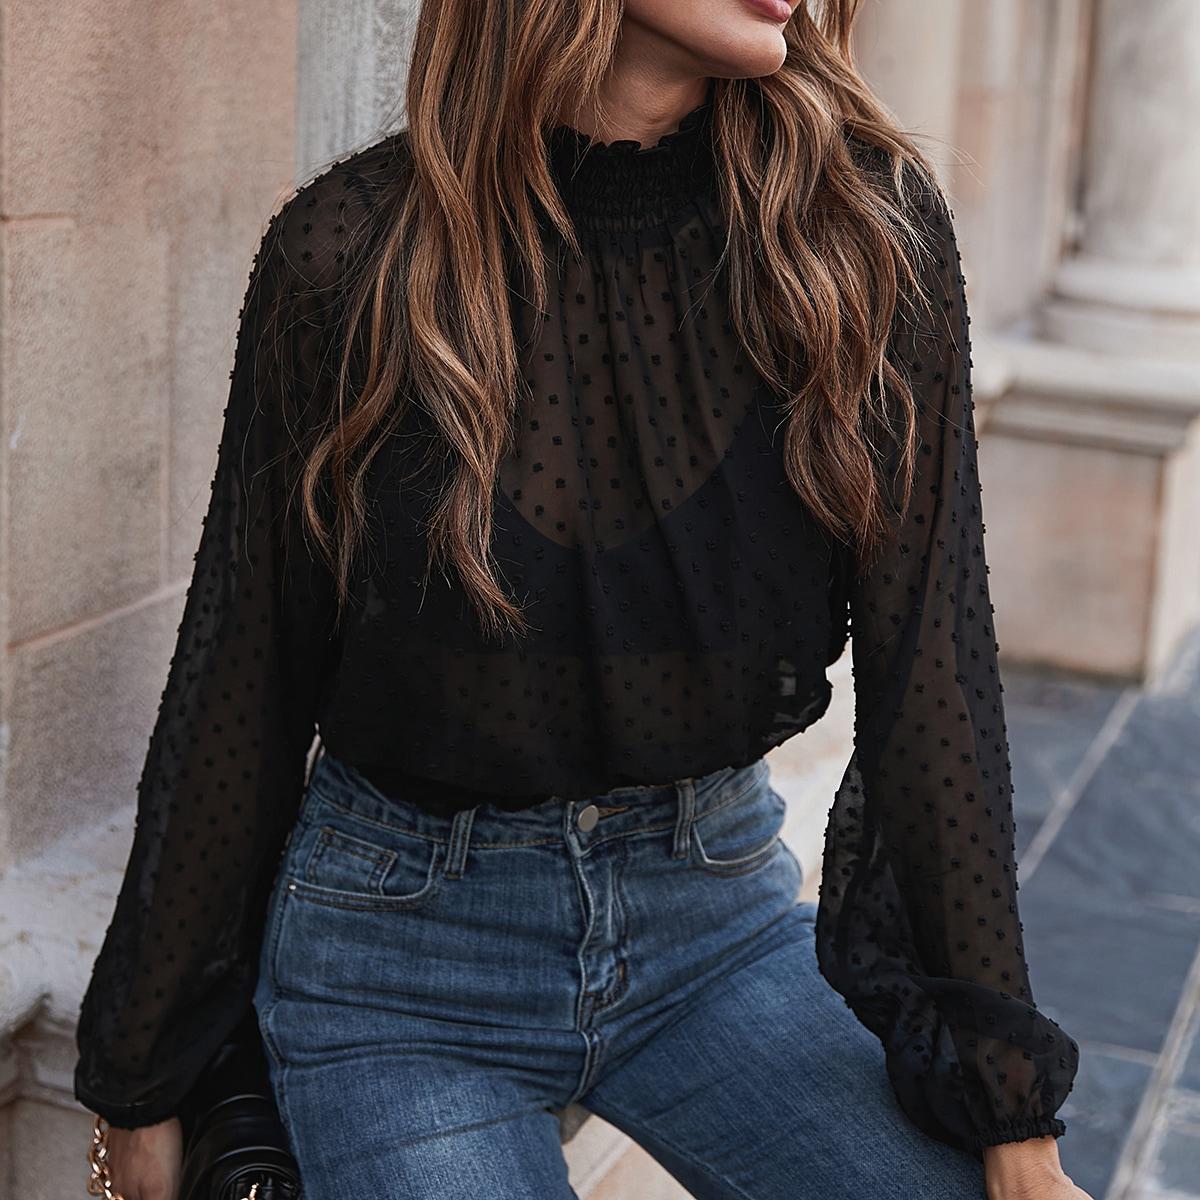 SHEIN / Bluse mit Rüsche am Kragen, Punkten Muster ohne BH